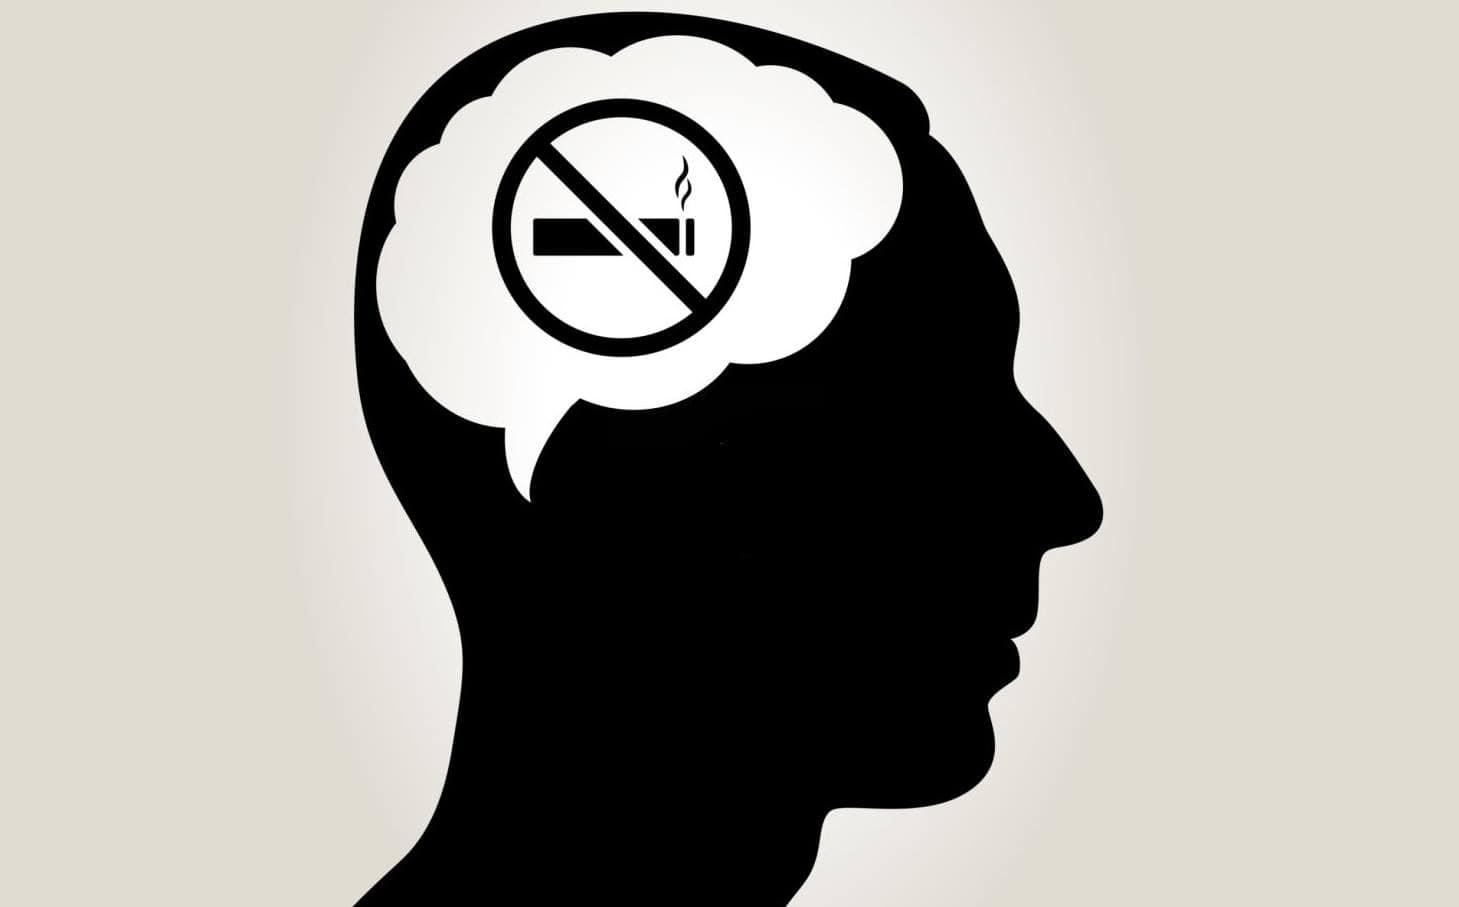 La nicotina afecta las partes del cerebro que juegan un papel en la atención, la memoria, el aprendizaje y la plasticidad cerebral